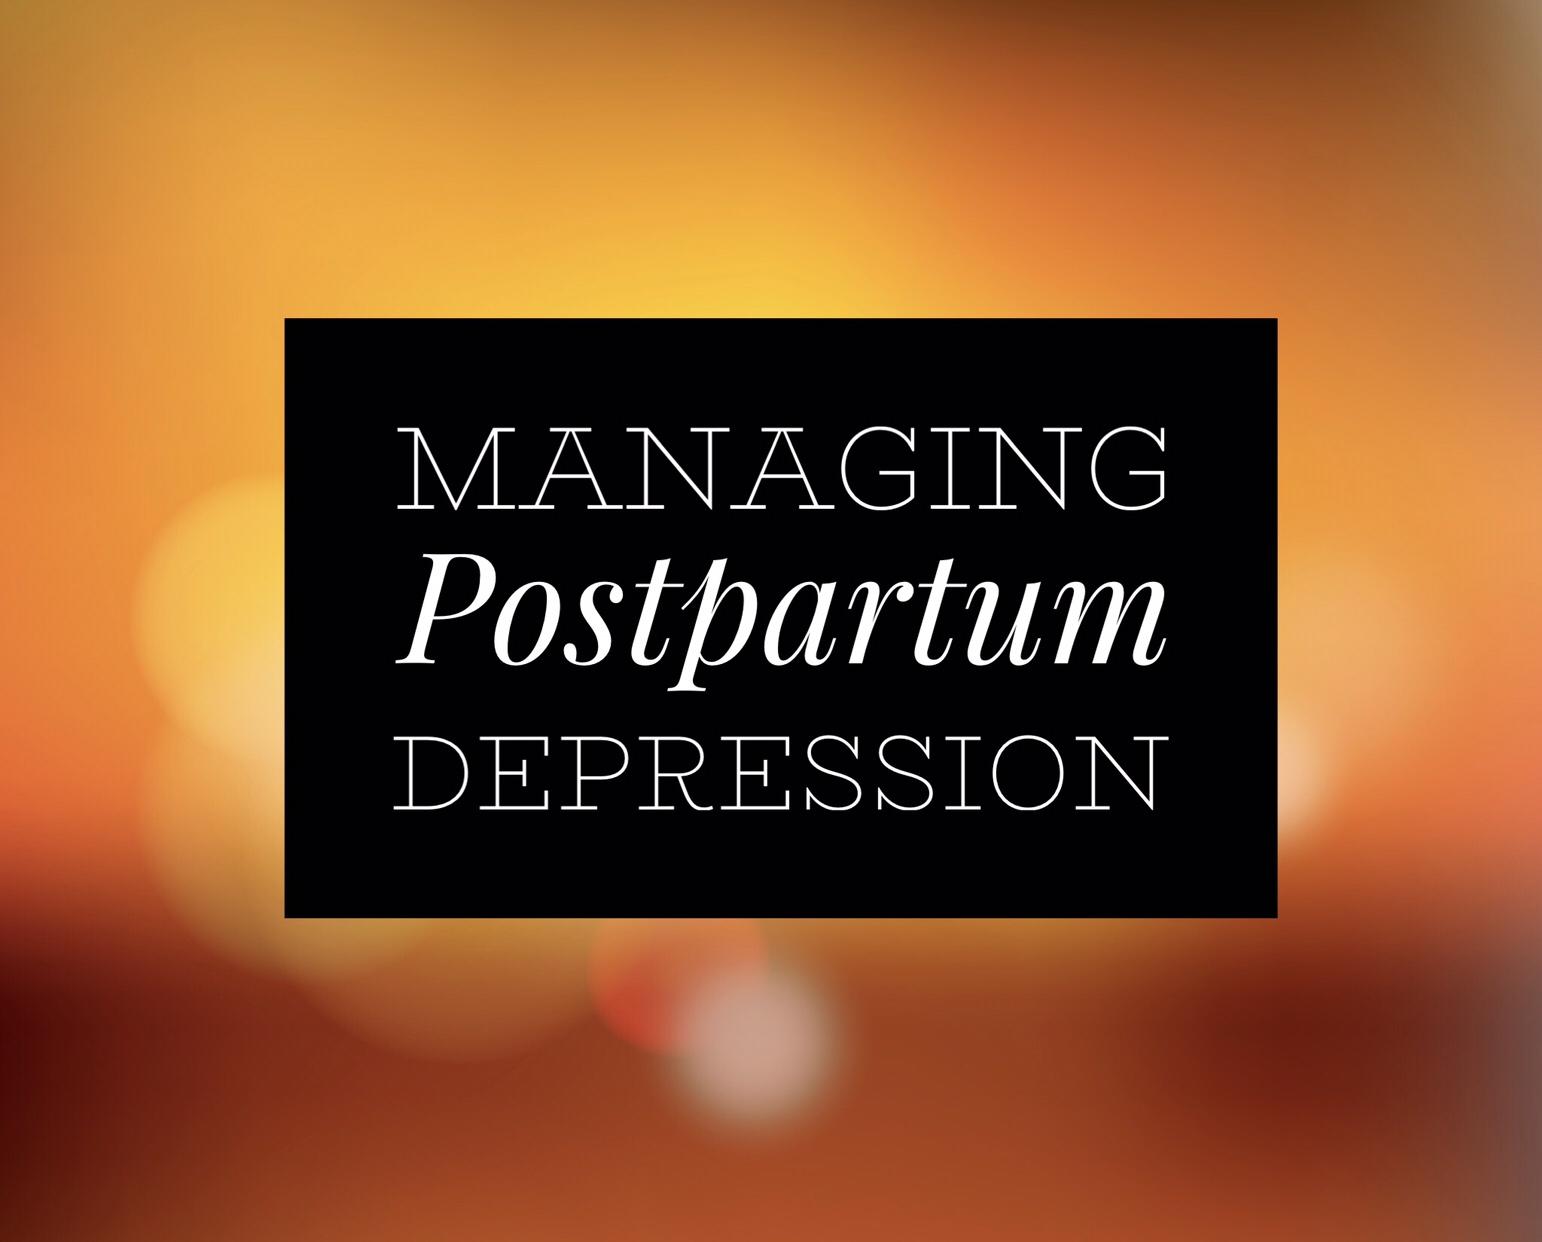 Managing Postpartum Depression